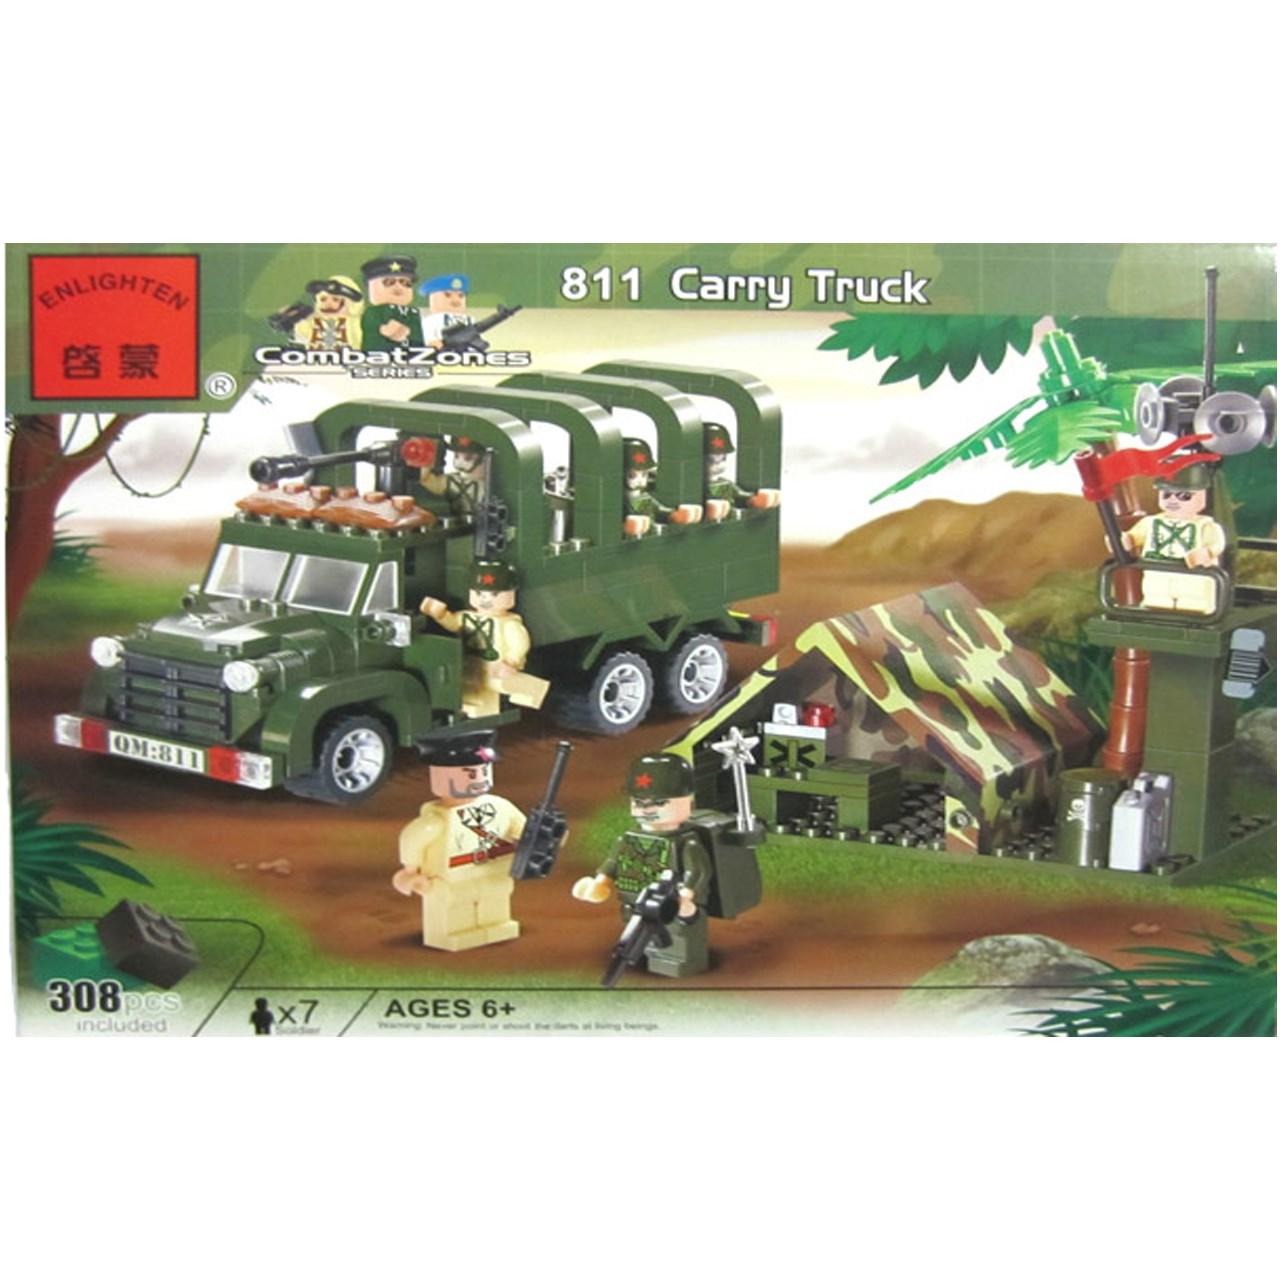 لگو ارتشی انلایتن مدل ۸۱۱ تعداد ۳۰۸ قطعه